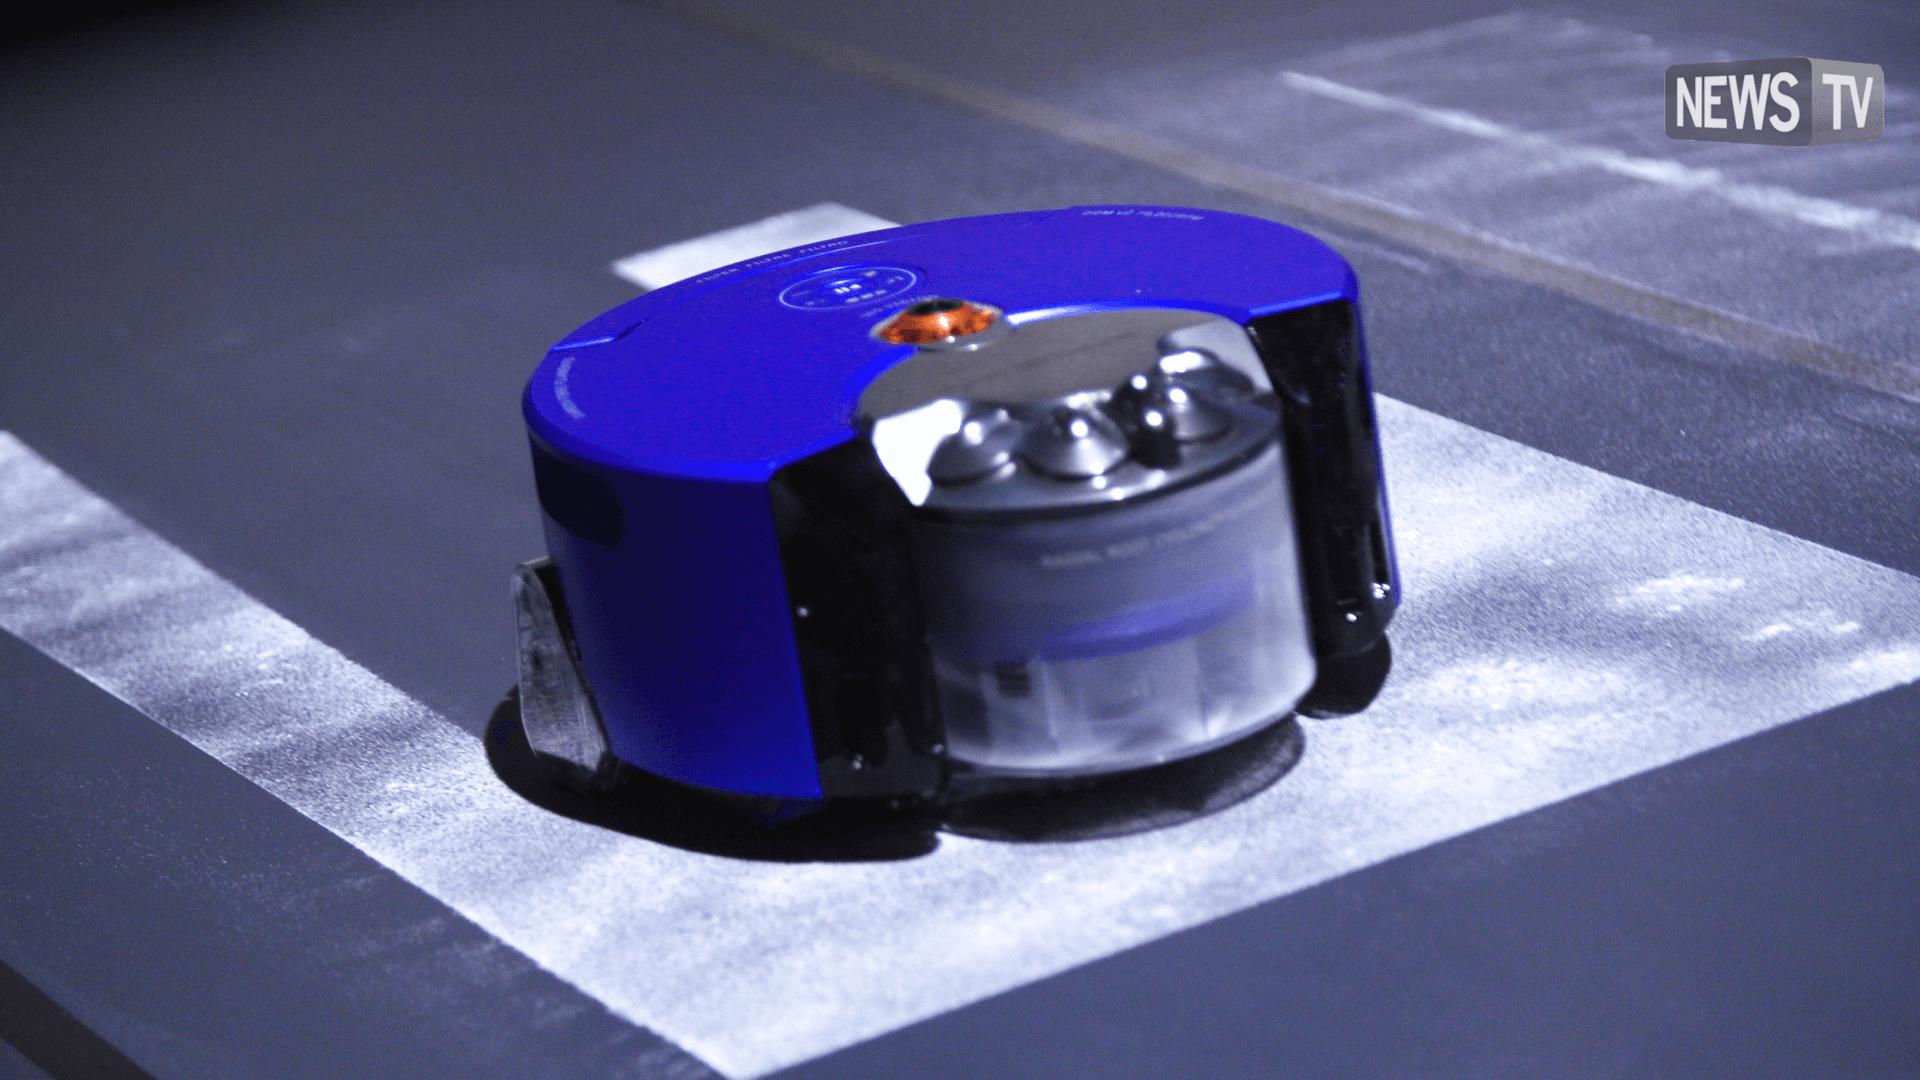 """体験会への集客に繋がる!ダイソンの新製品""""ロボット掃除機""""発表の動画ニュース"""